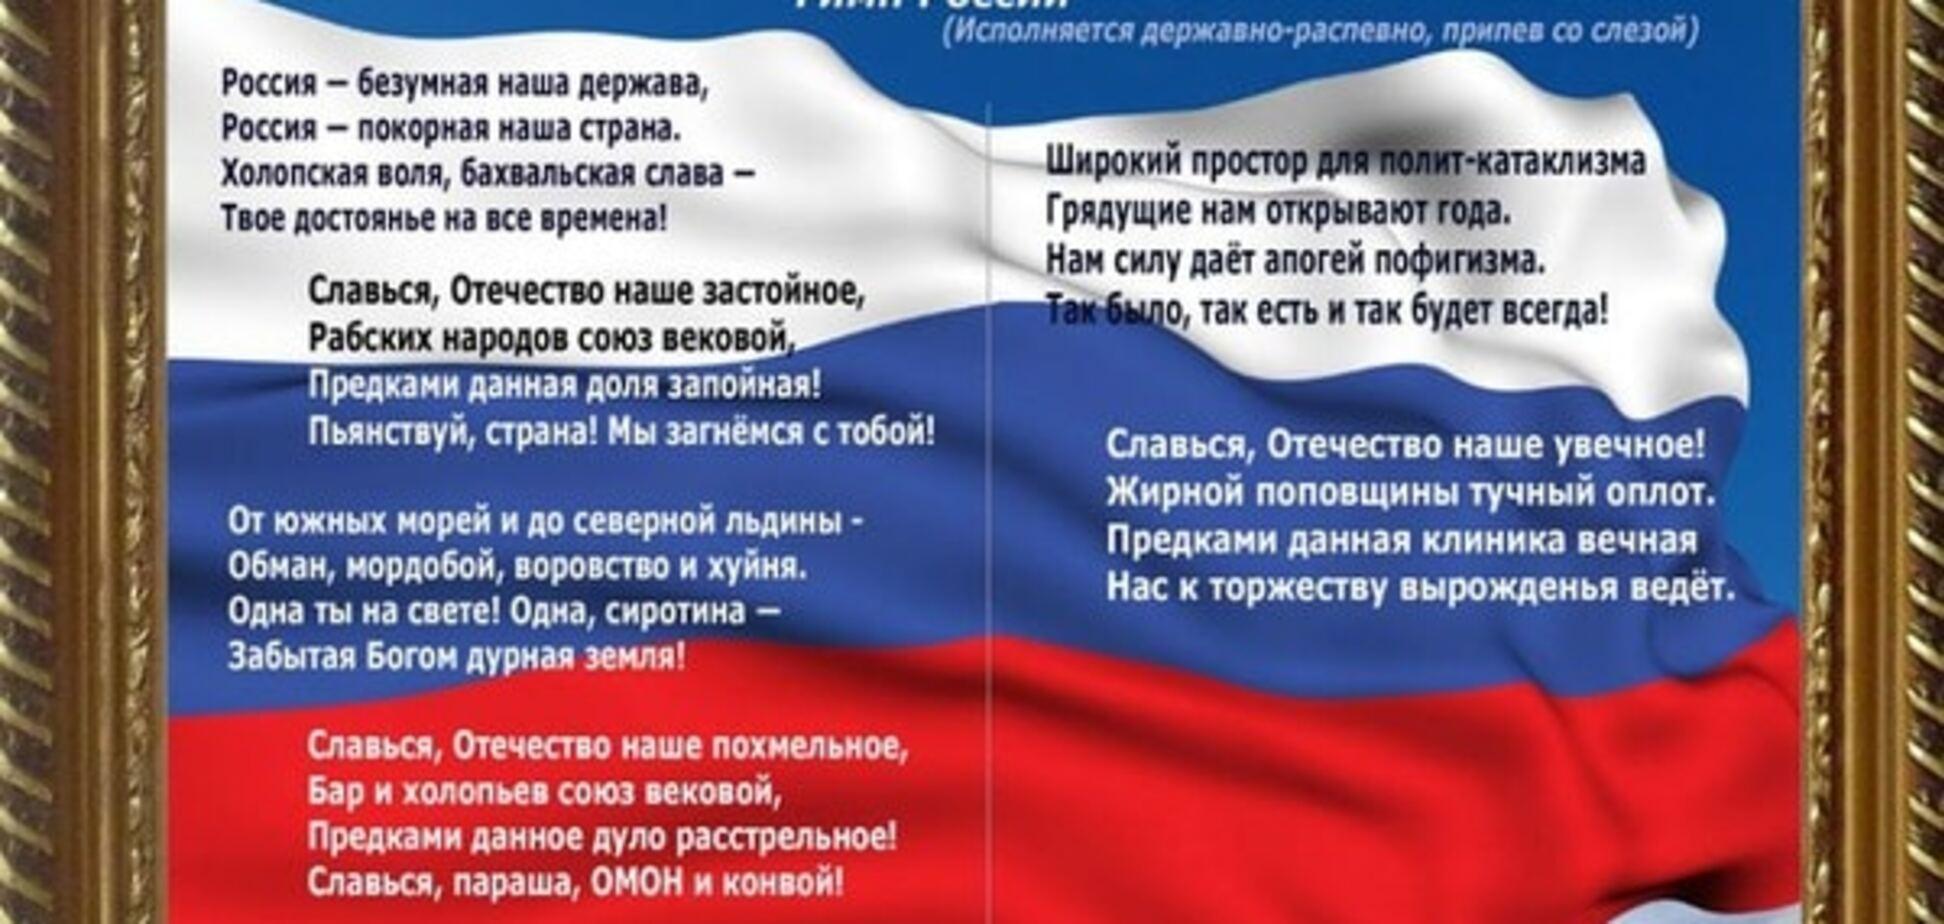 'Росія - божевільна наша держава': у Криму жорстко облажались з гімном окупантів